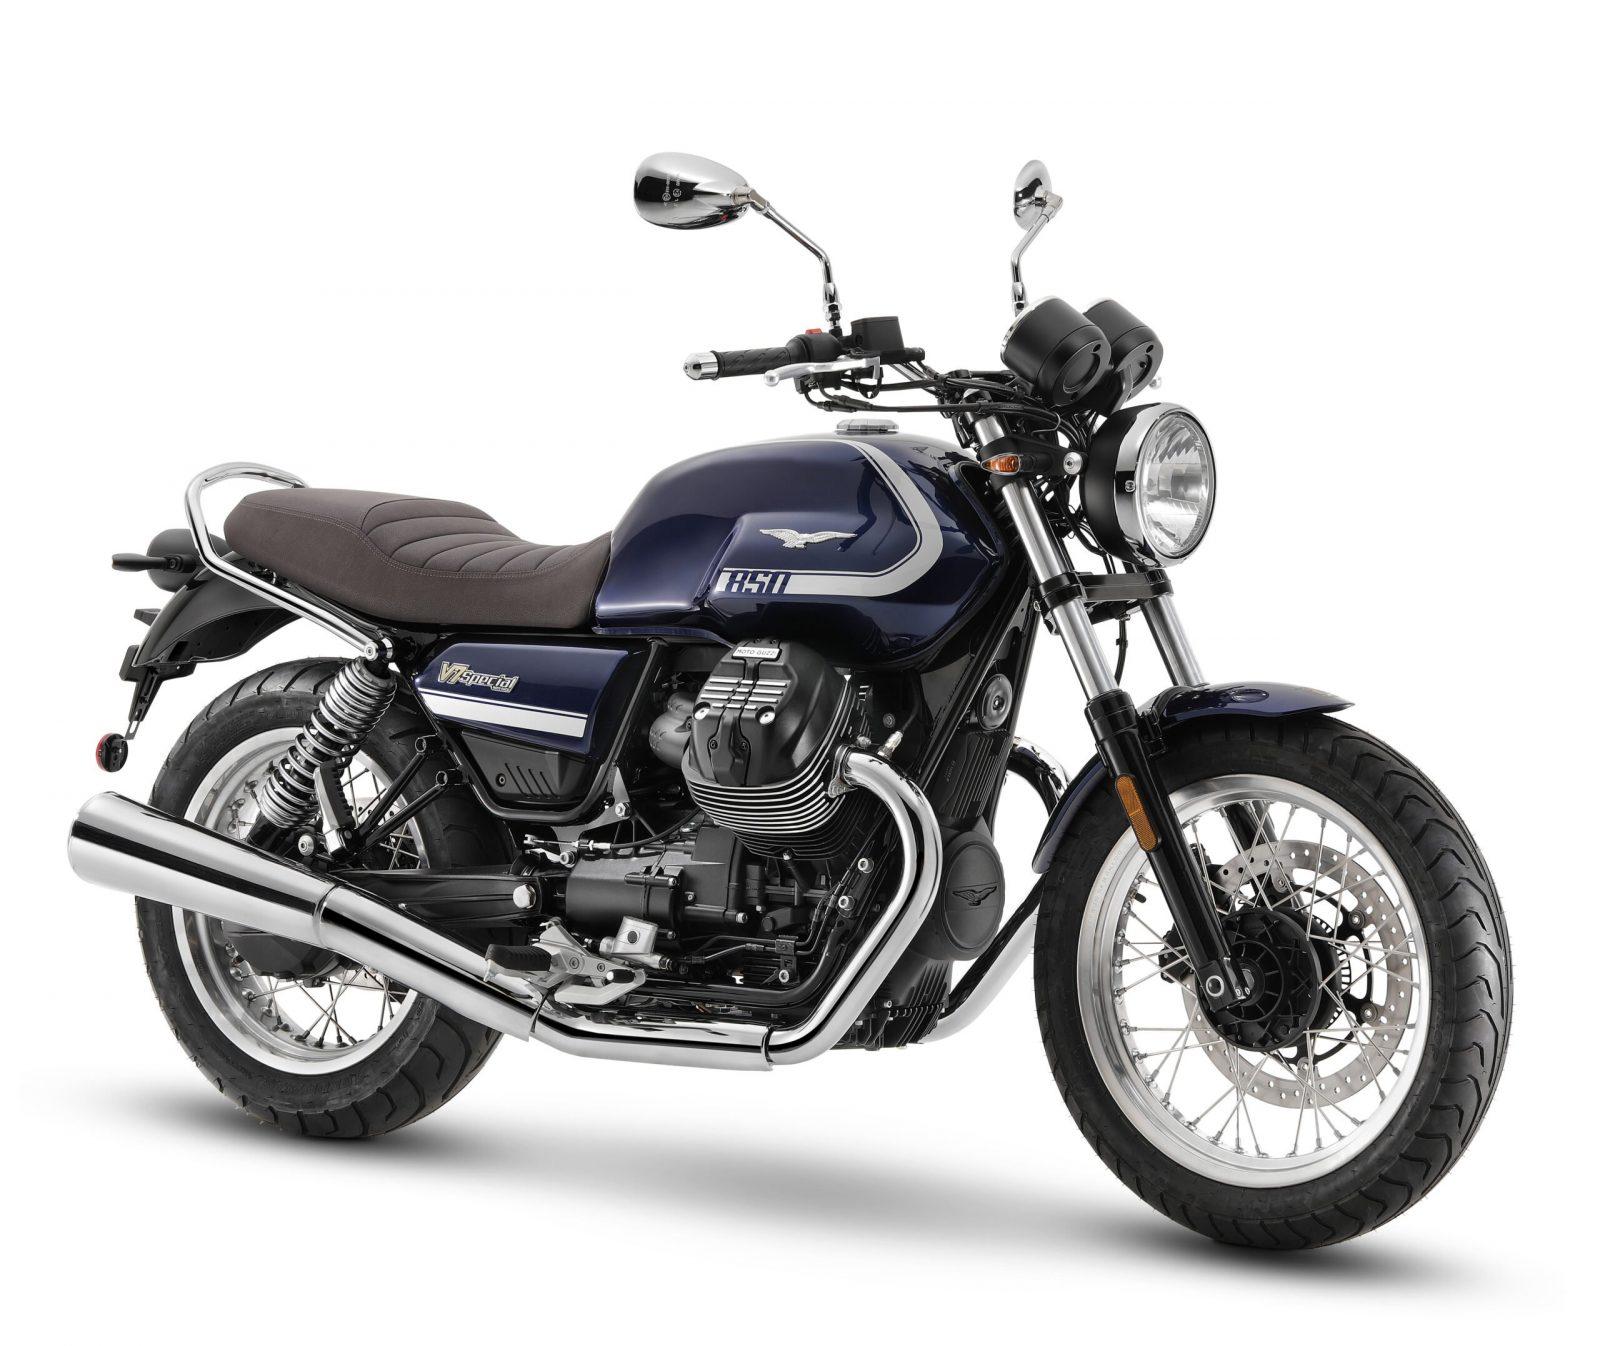 Moto Guzzi V7 850